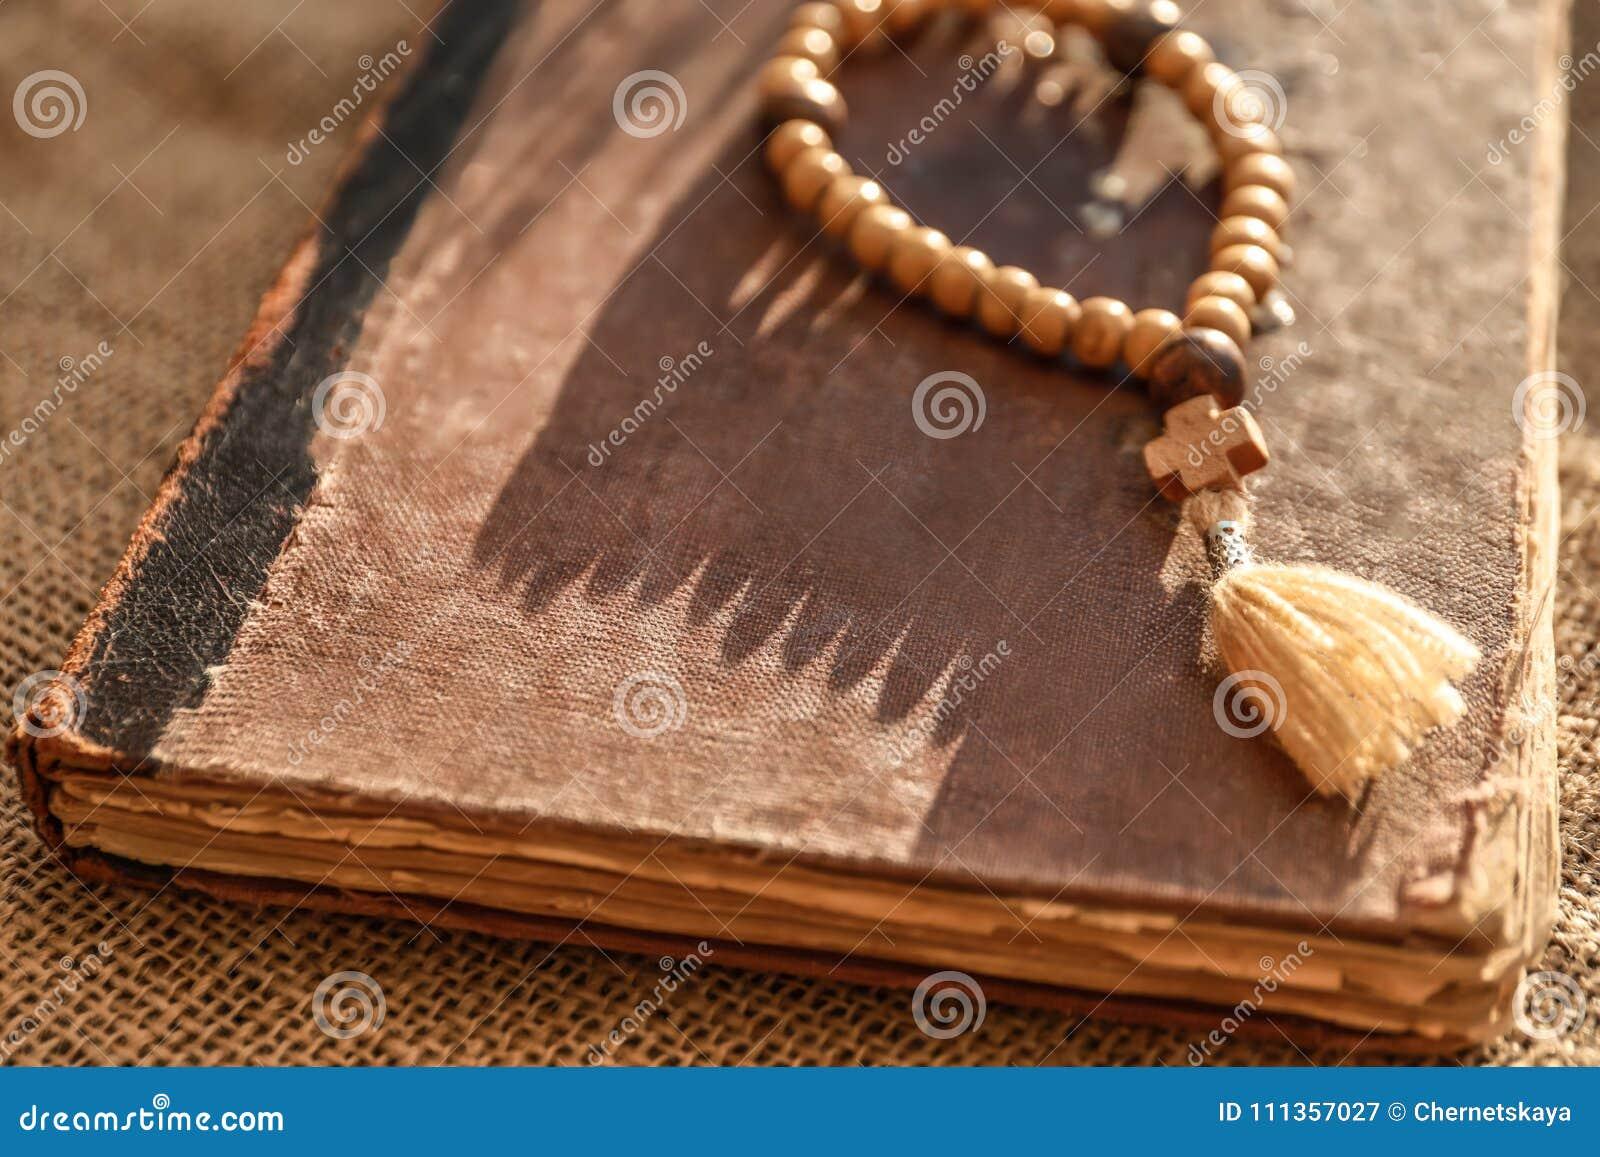 木念珠小珠和旧书